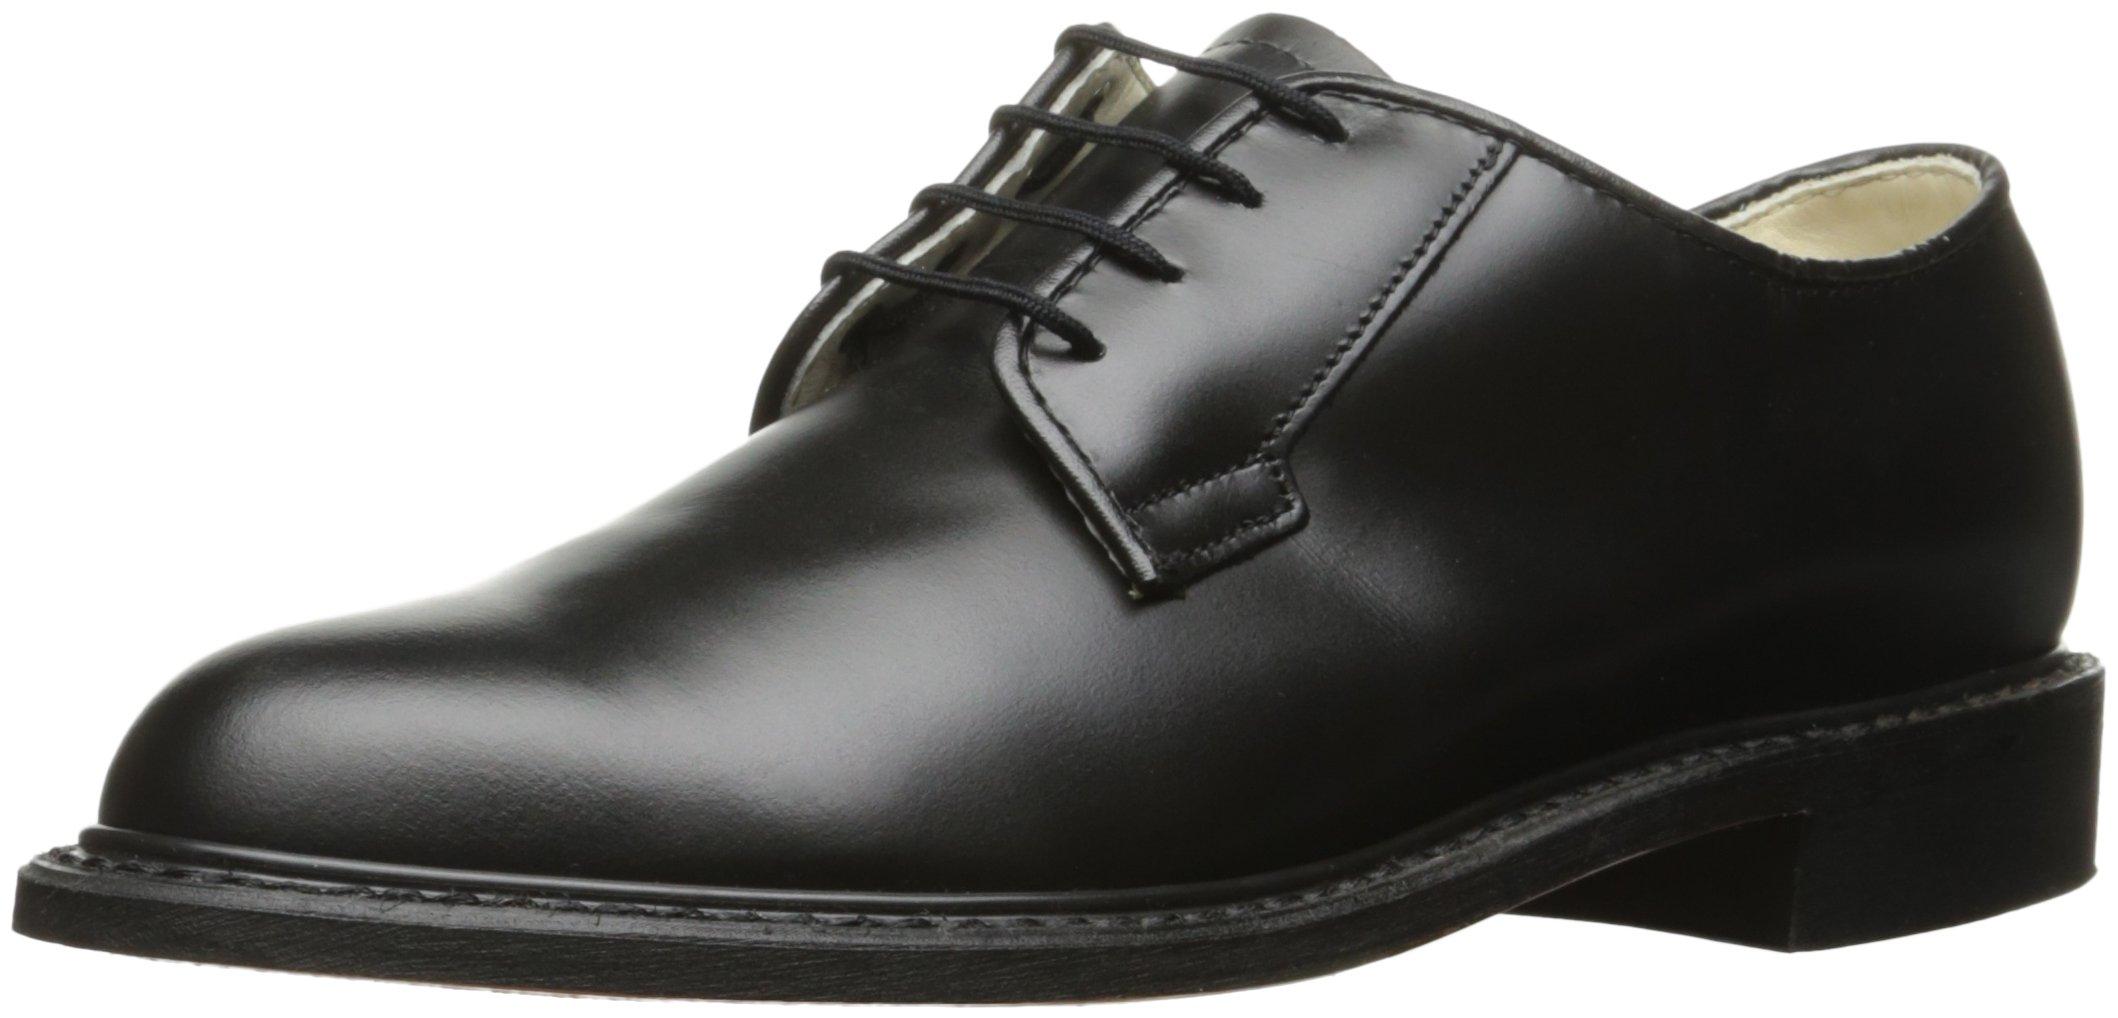 Bates Women's Navy Premier Oxford Uniform Dress Shoe, Black, 11 M US